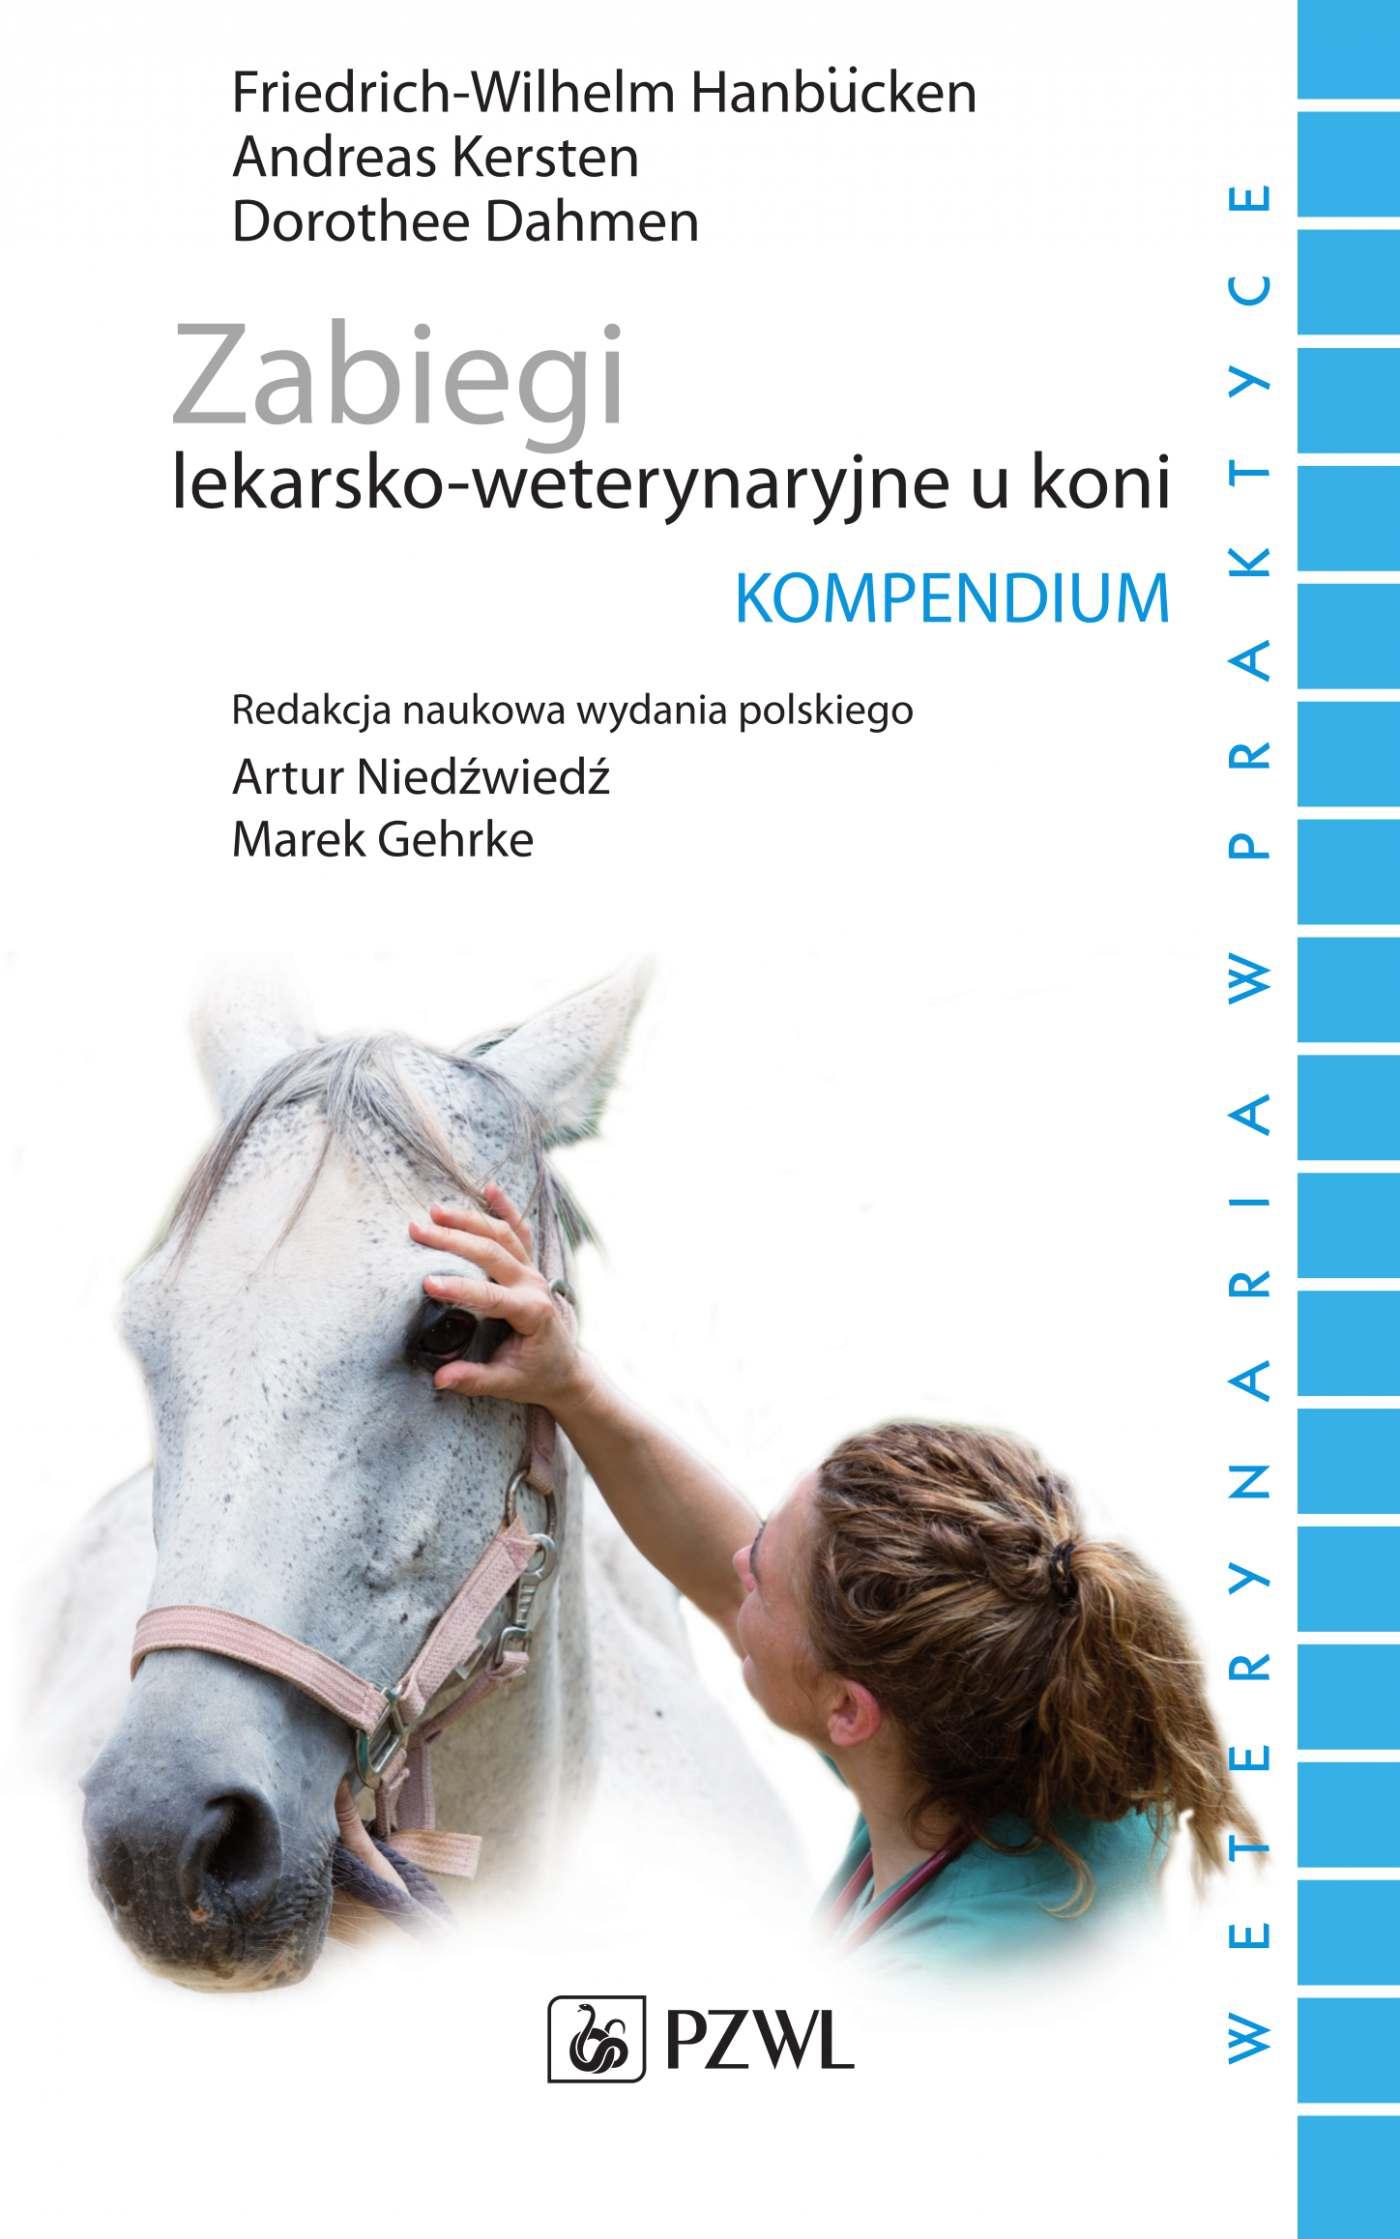 Zabiegi lekarsko-weterynaryjne u koni. Kompendium - Ebook (Książka EPUB) do pobrania w formacie EPUB